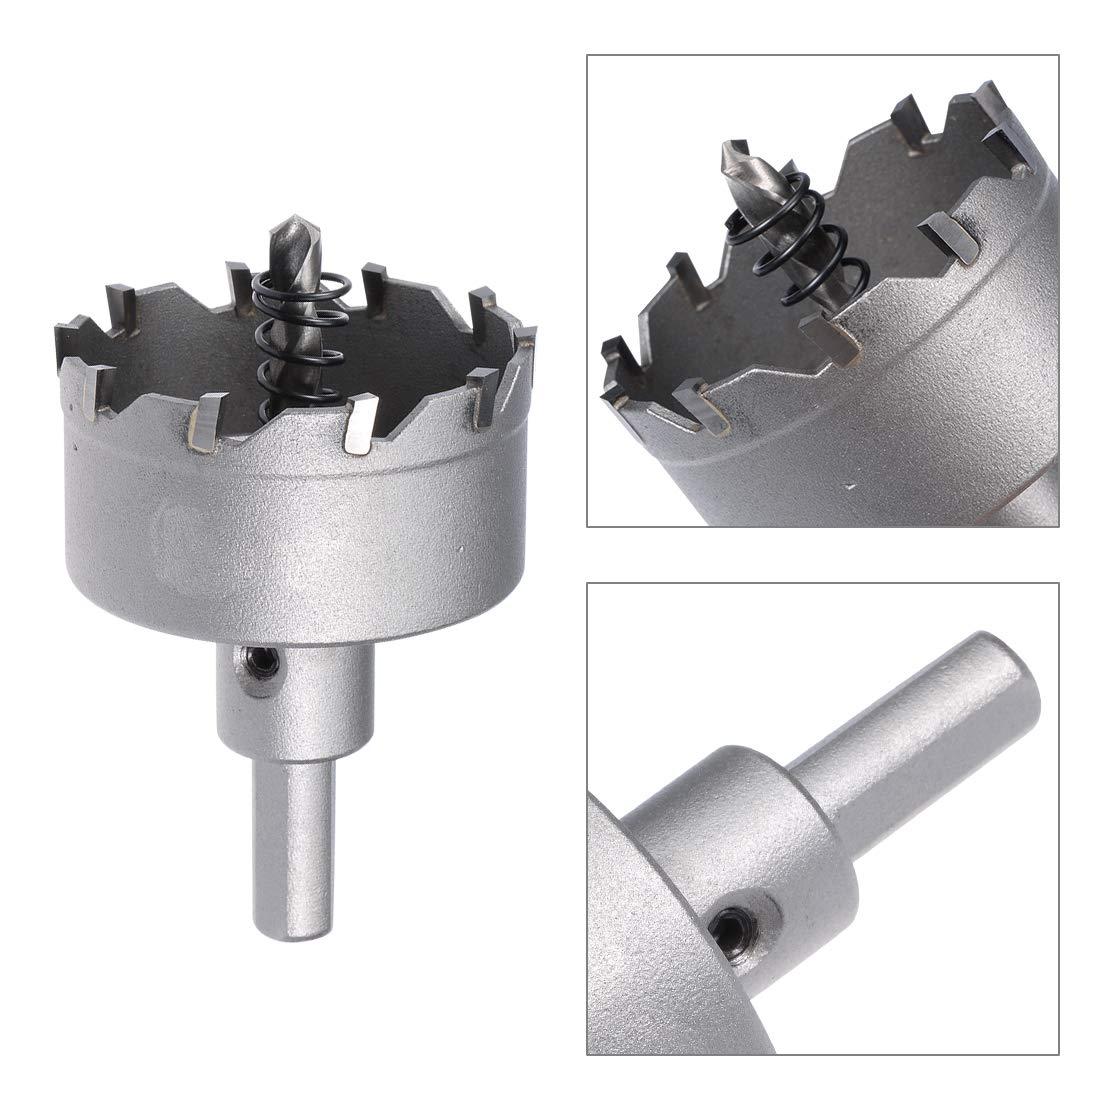 sourcing map taladro metal de Taladro de Sierra Cortadora de Agujeros de Carburo de acero inoxidable 42mm